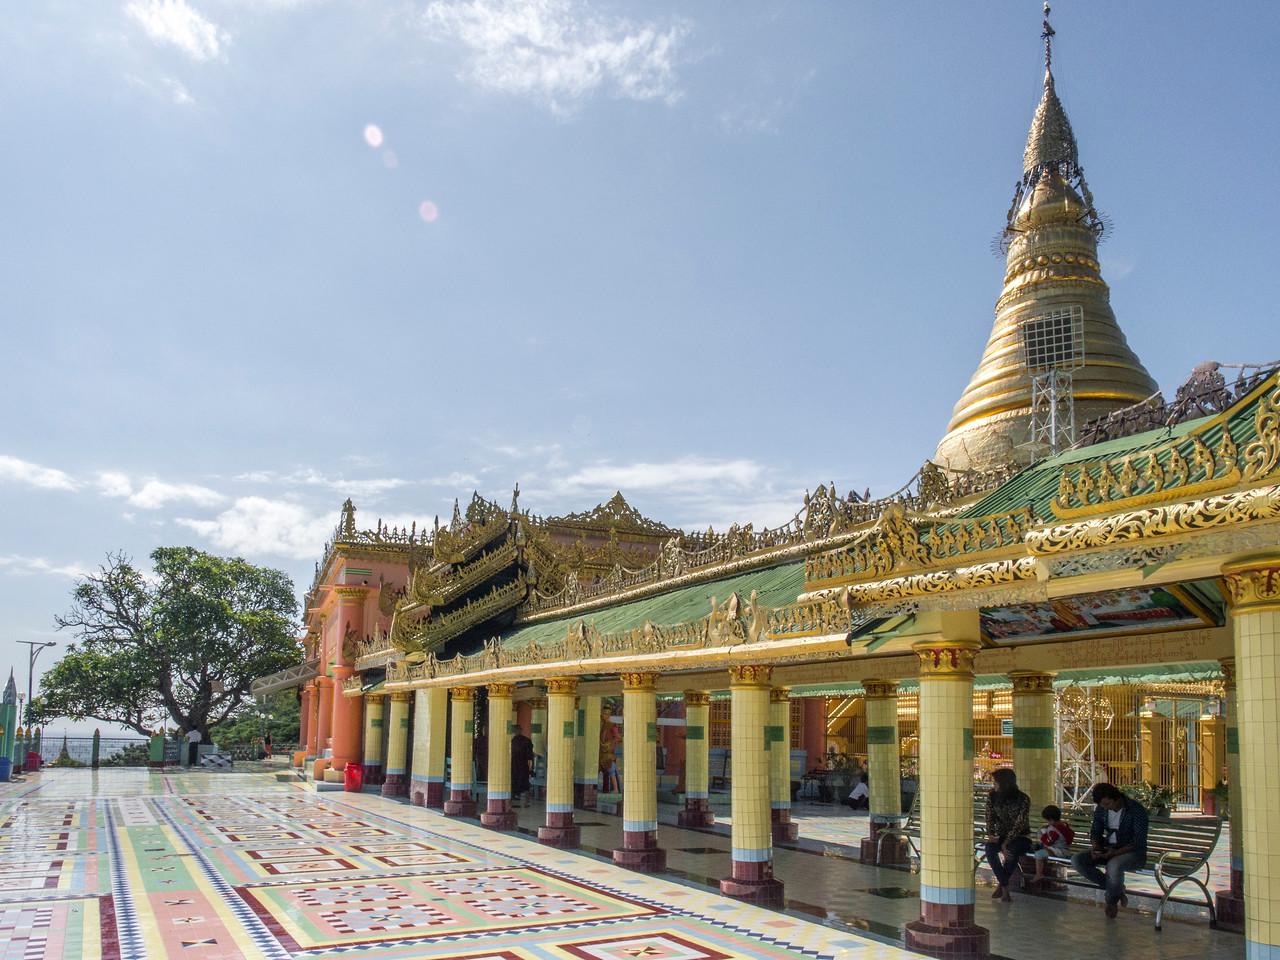 Soon Oo Pon Nya Shin Pagoda